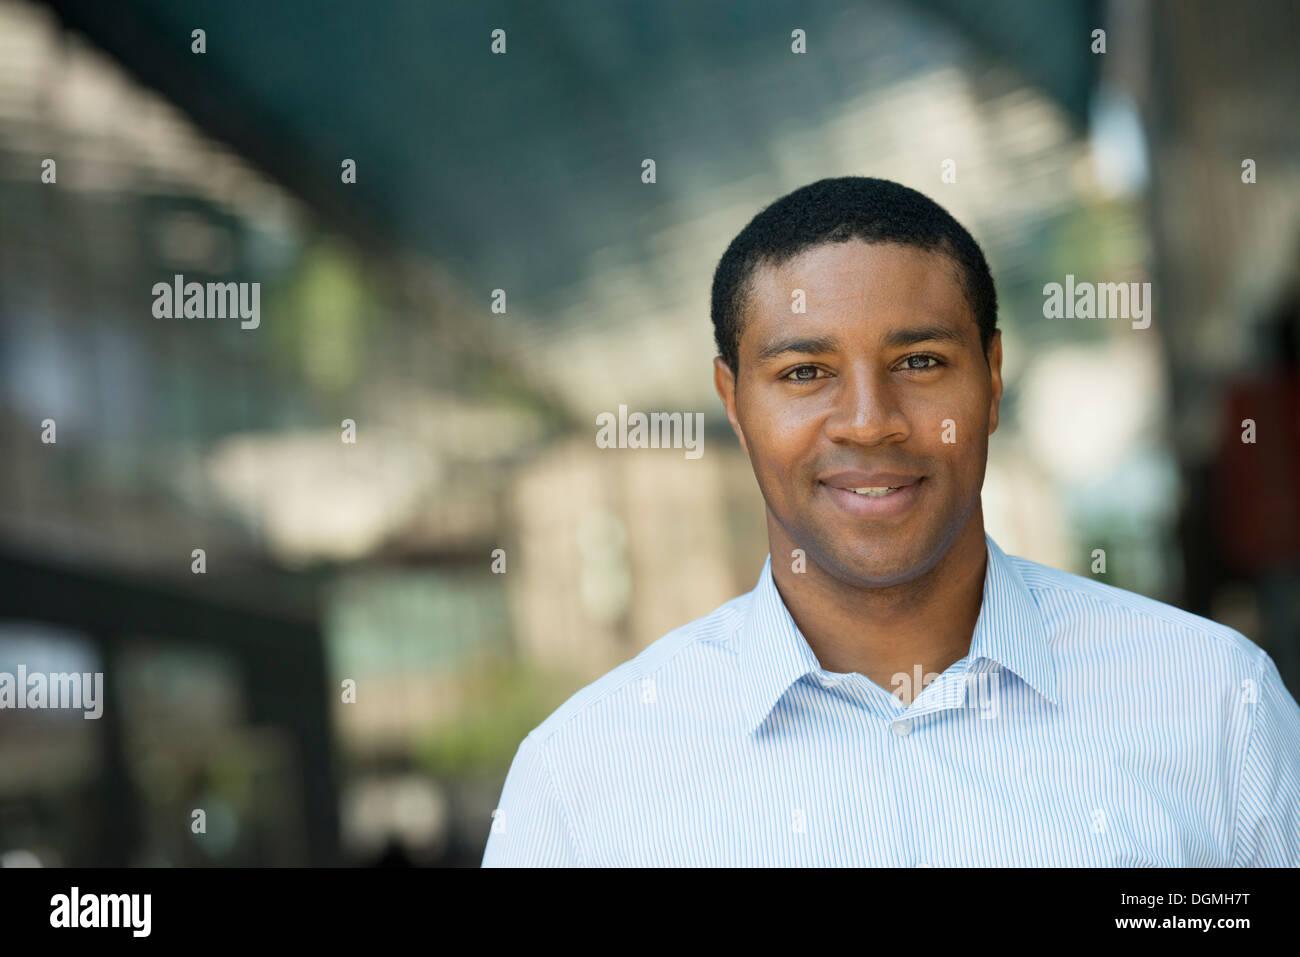 849005fee4e73 Geschäftsleute unterwegs. Ein lächelnder Mann in einem offenen necked Hemd.  Stockbild